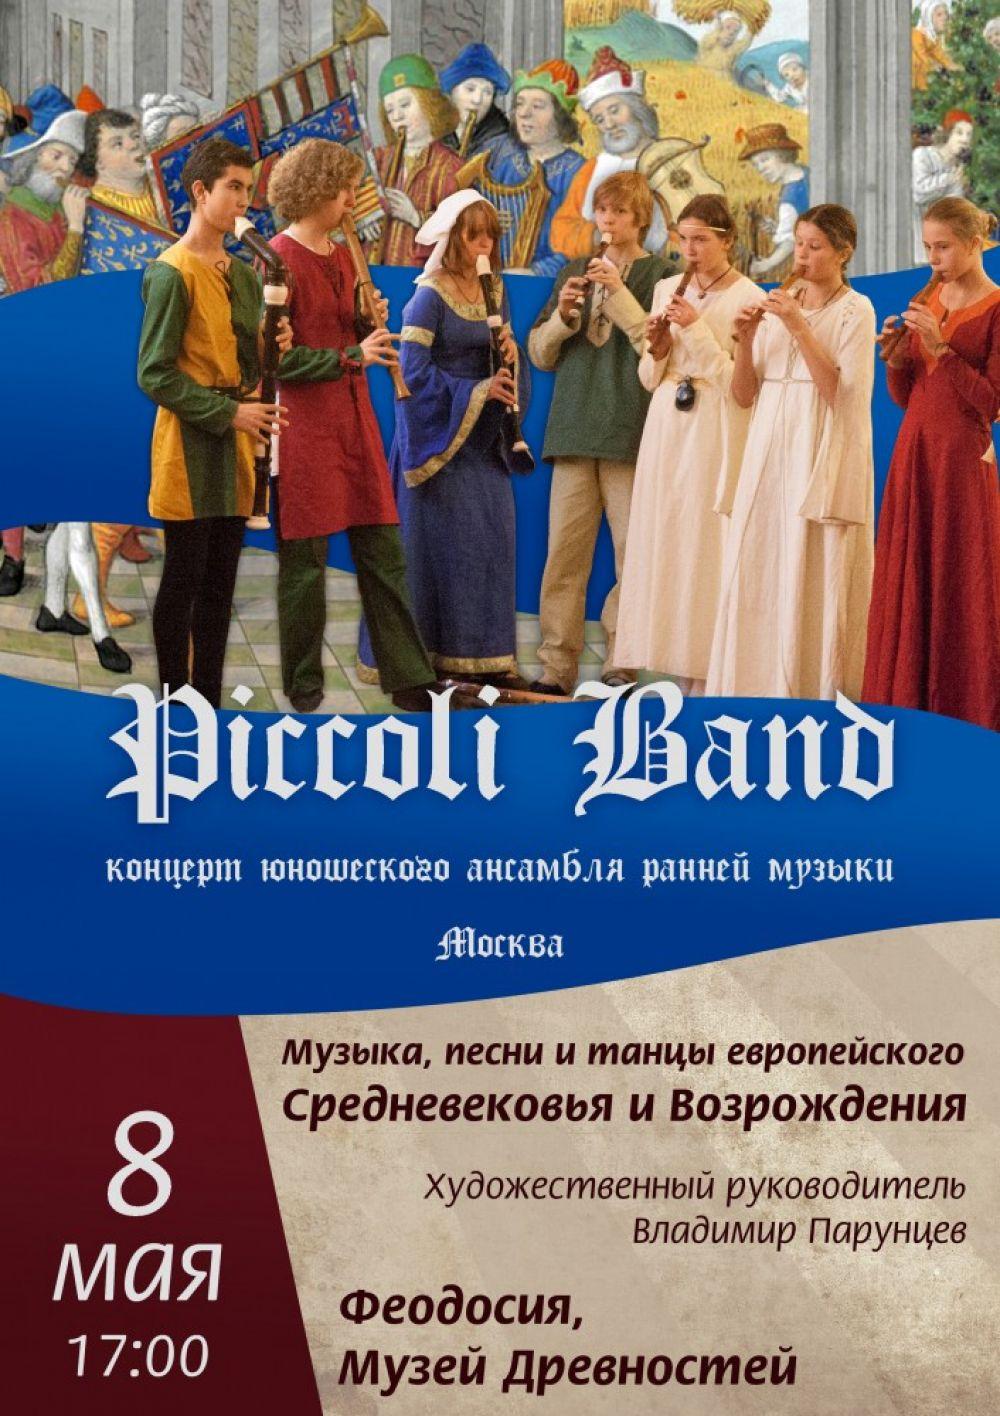 В Феодосии прозвучит музыка европейского Средневековья и Возрождения